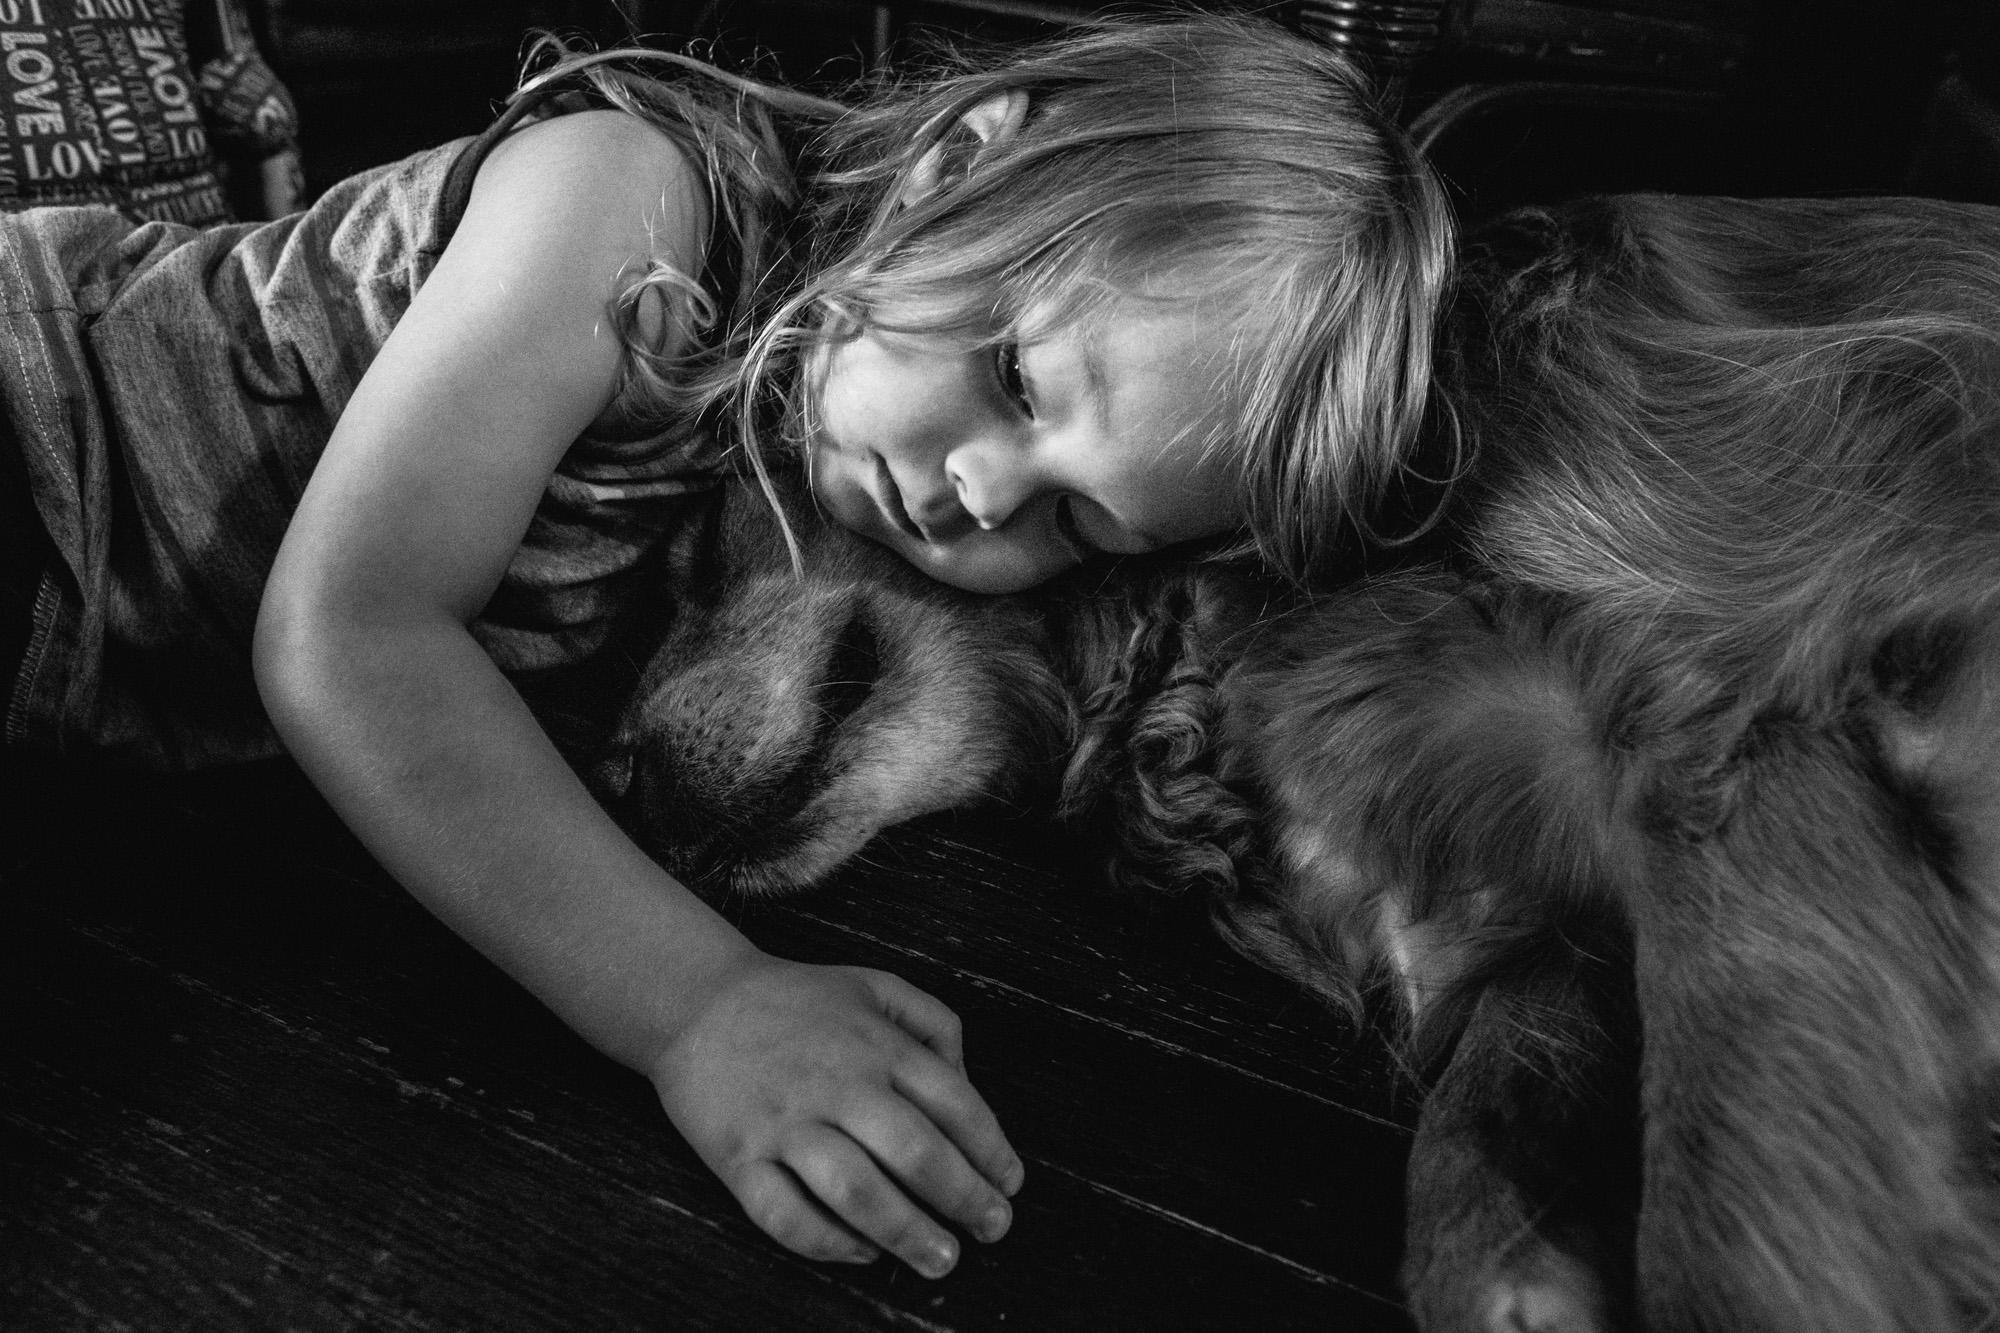 Boy cuddling with his dog.